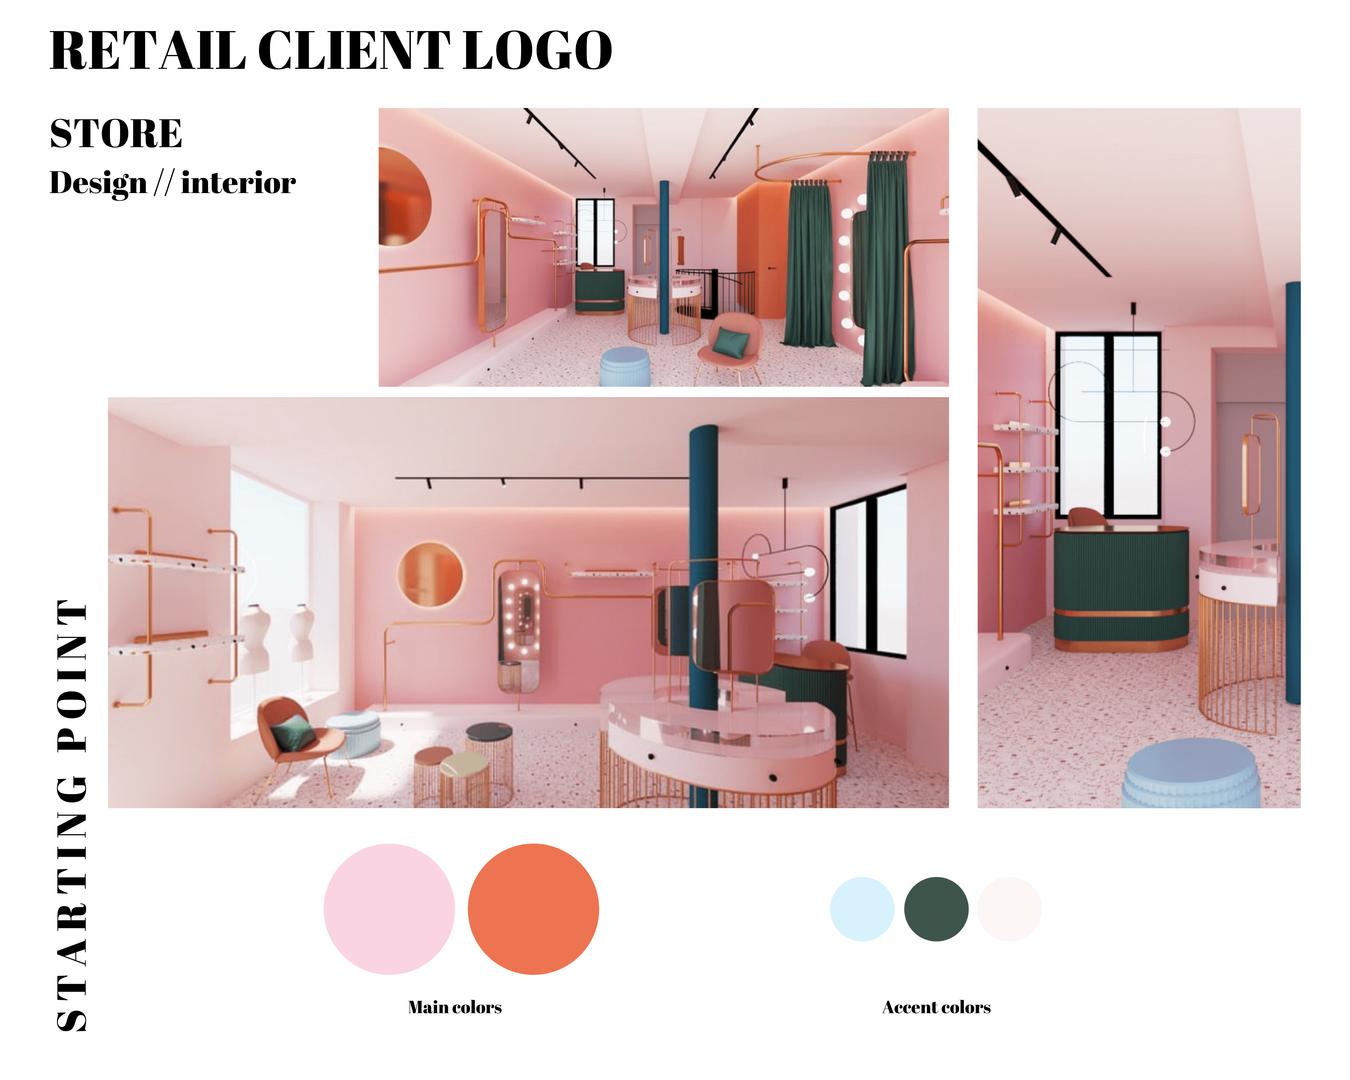 malin-molden-design-oslo-freelance-logo.